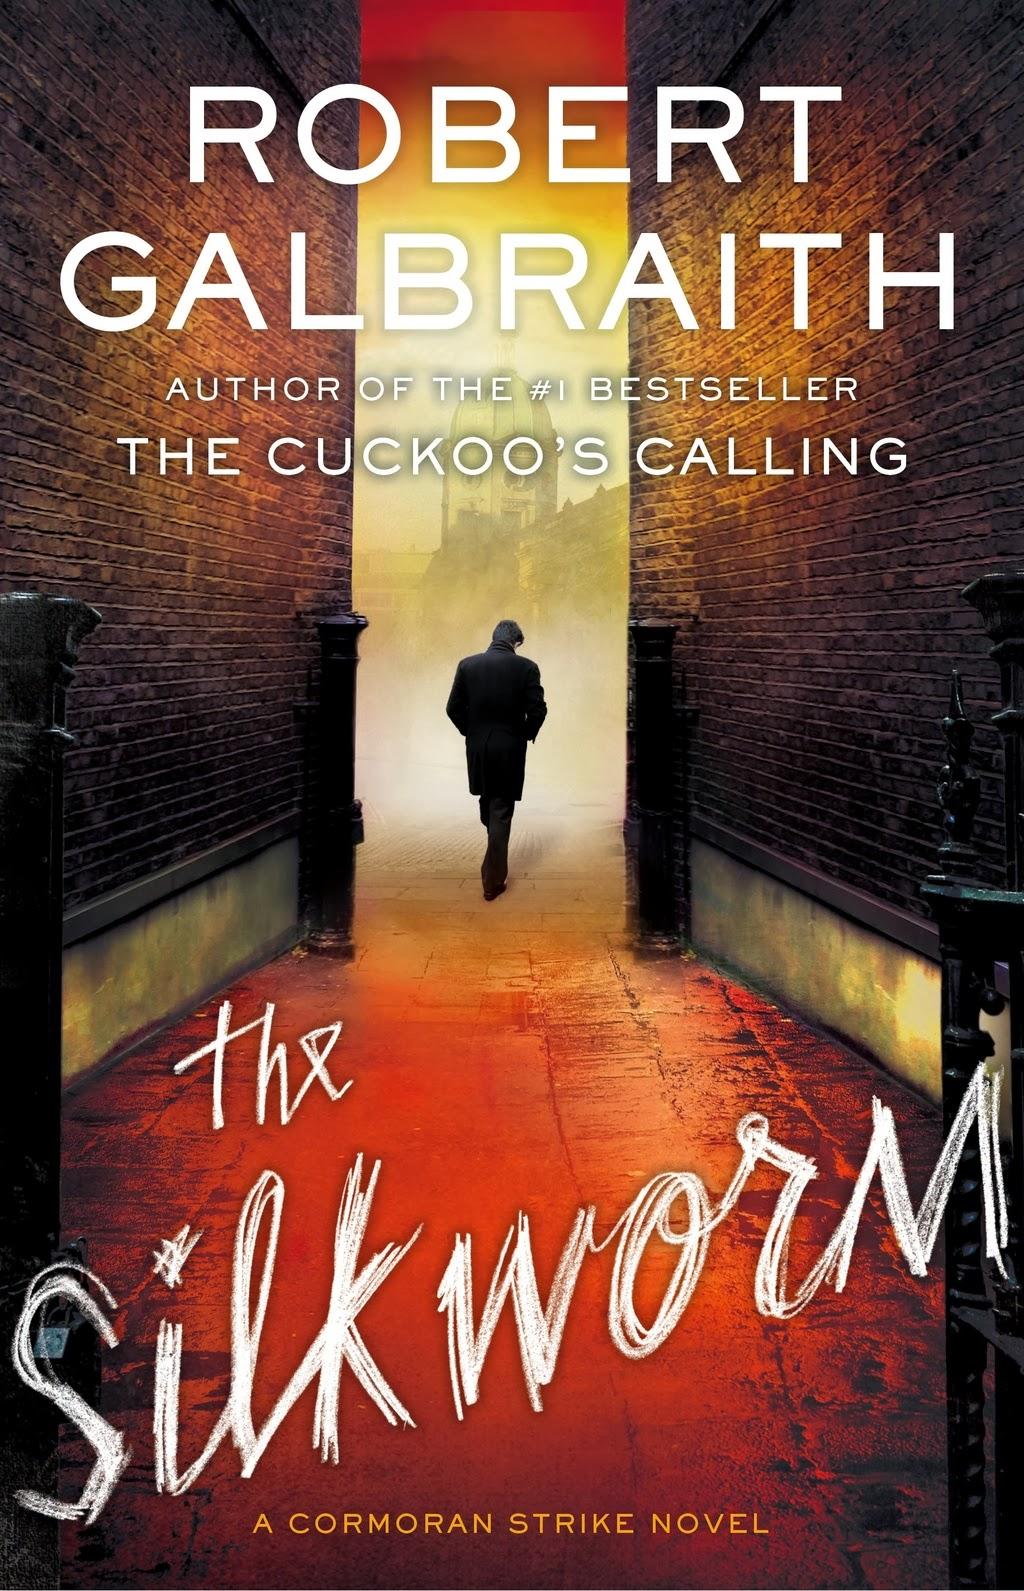 Capa do livro 'The Silkworm', da escritora J.K. Rowling